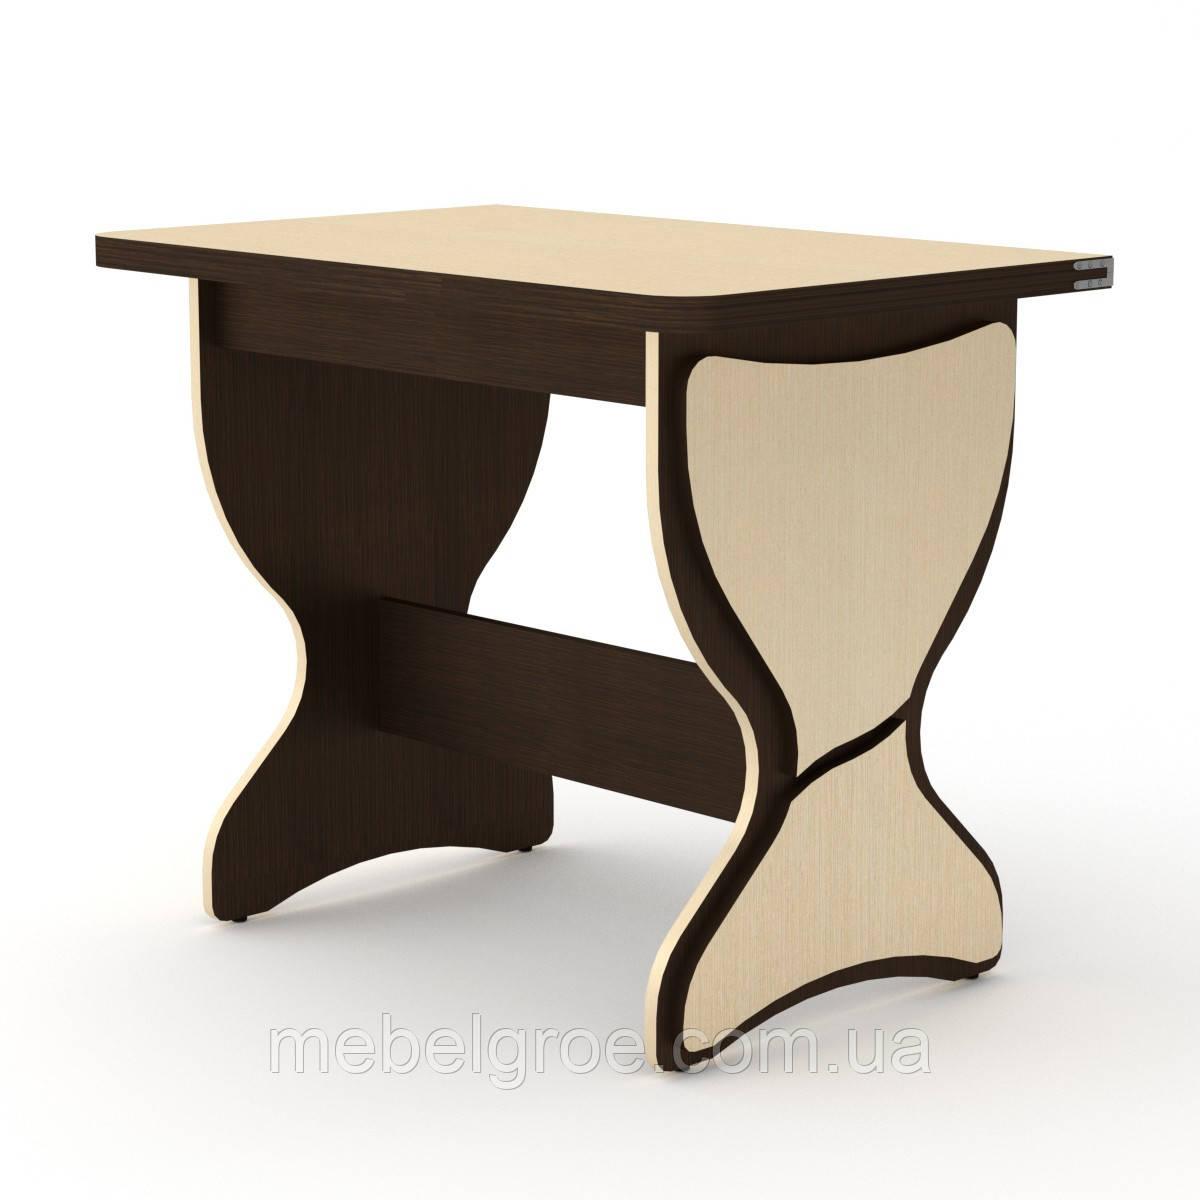 Стол кухонный КС 4 тм Компанит